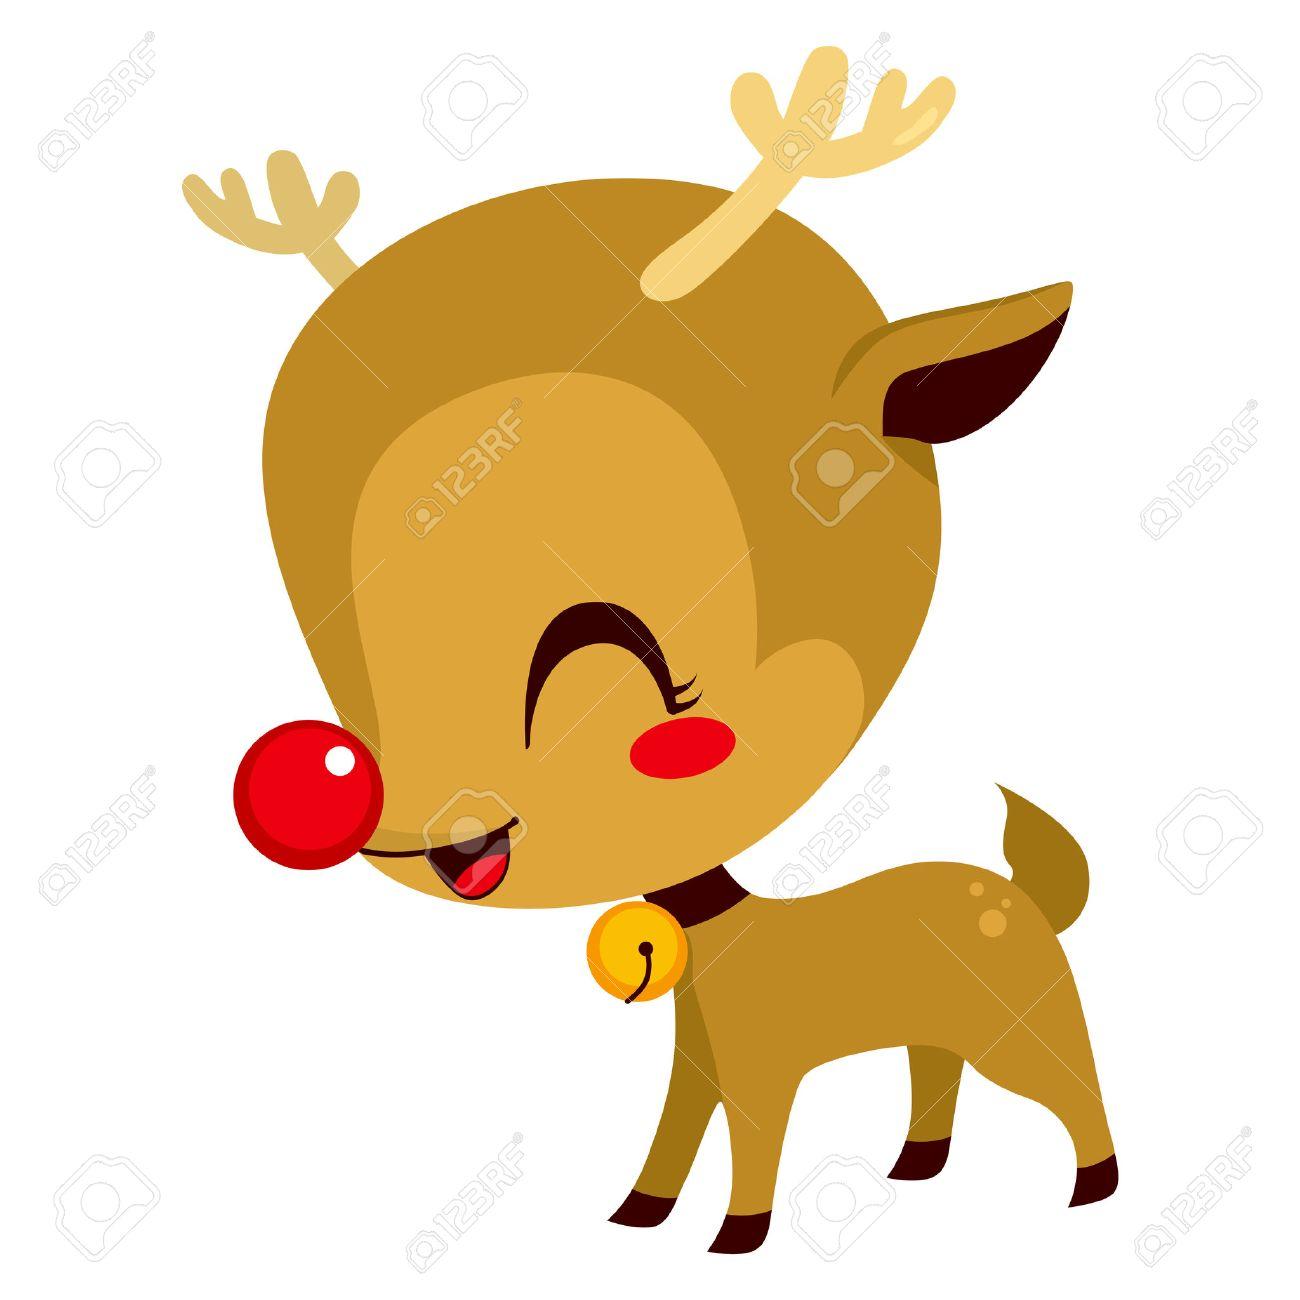 かわいい小さなルドルフ赤鼻のトナカイのイラスト漫画キャラクターの